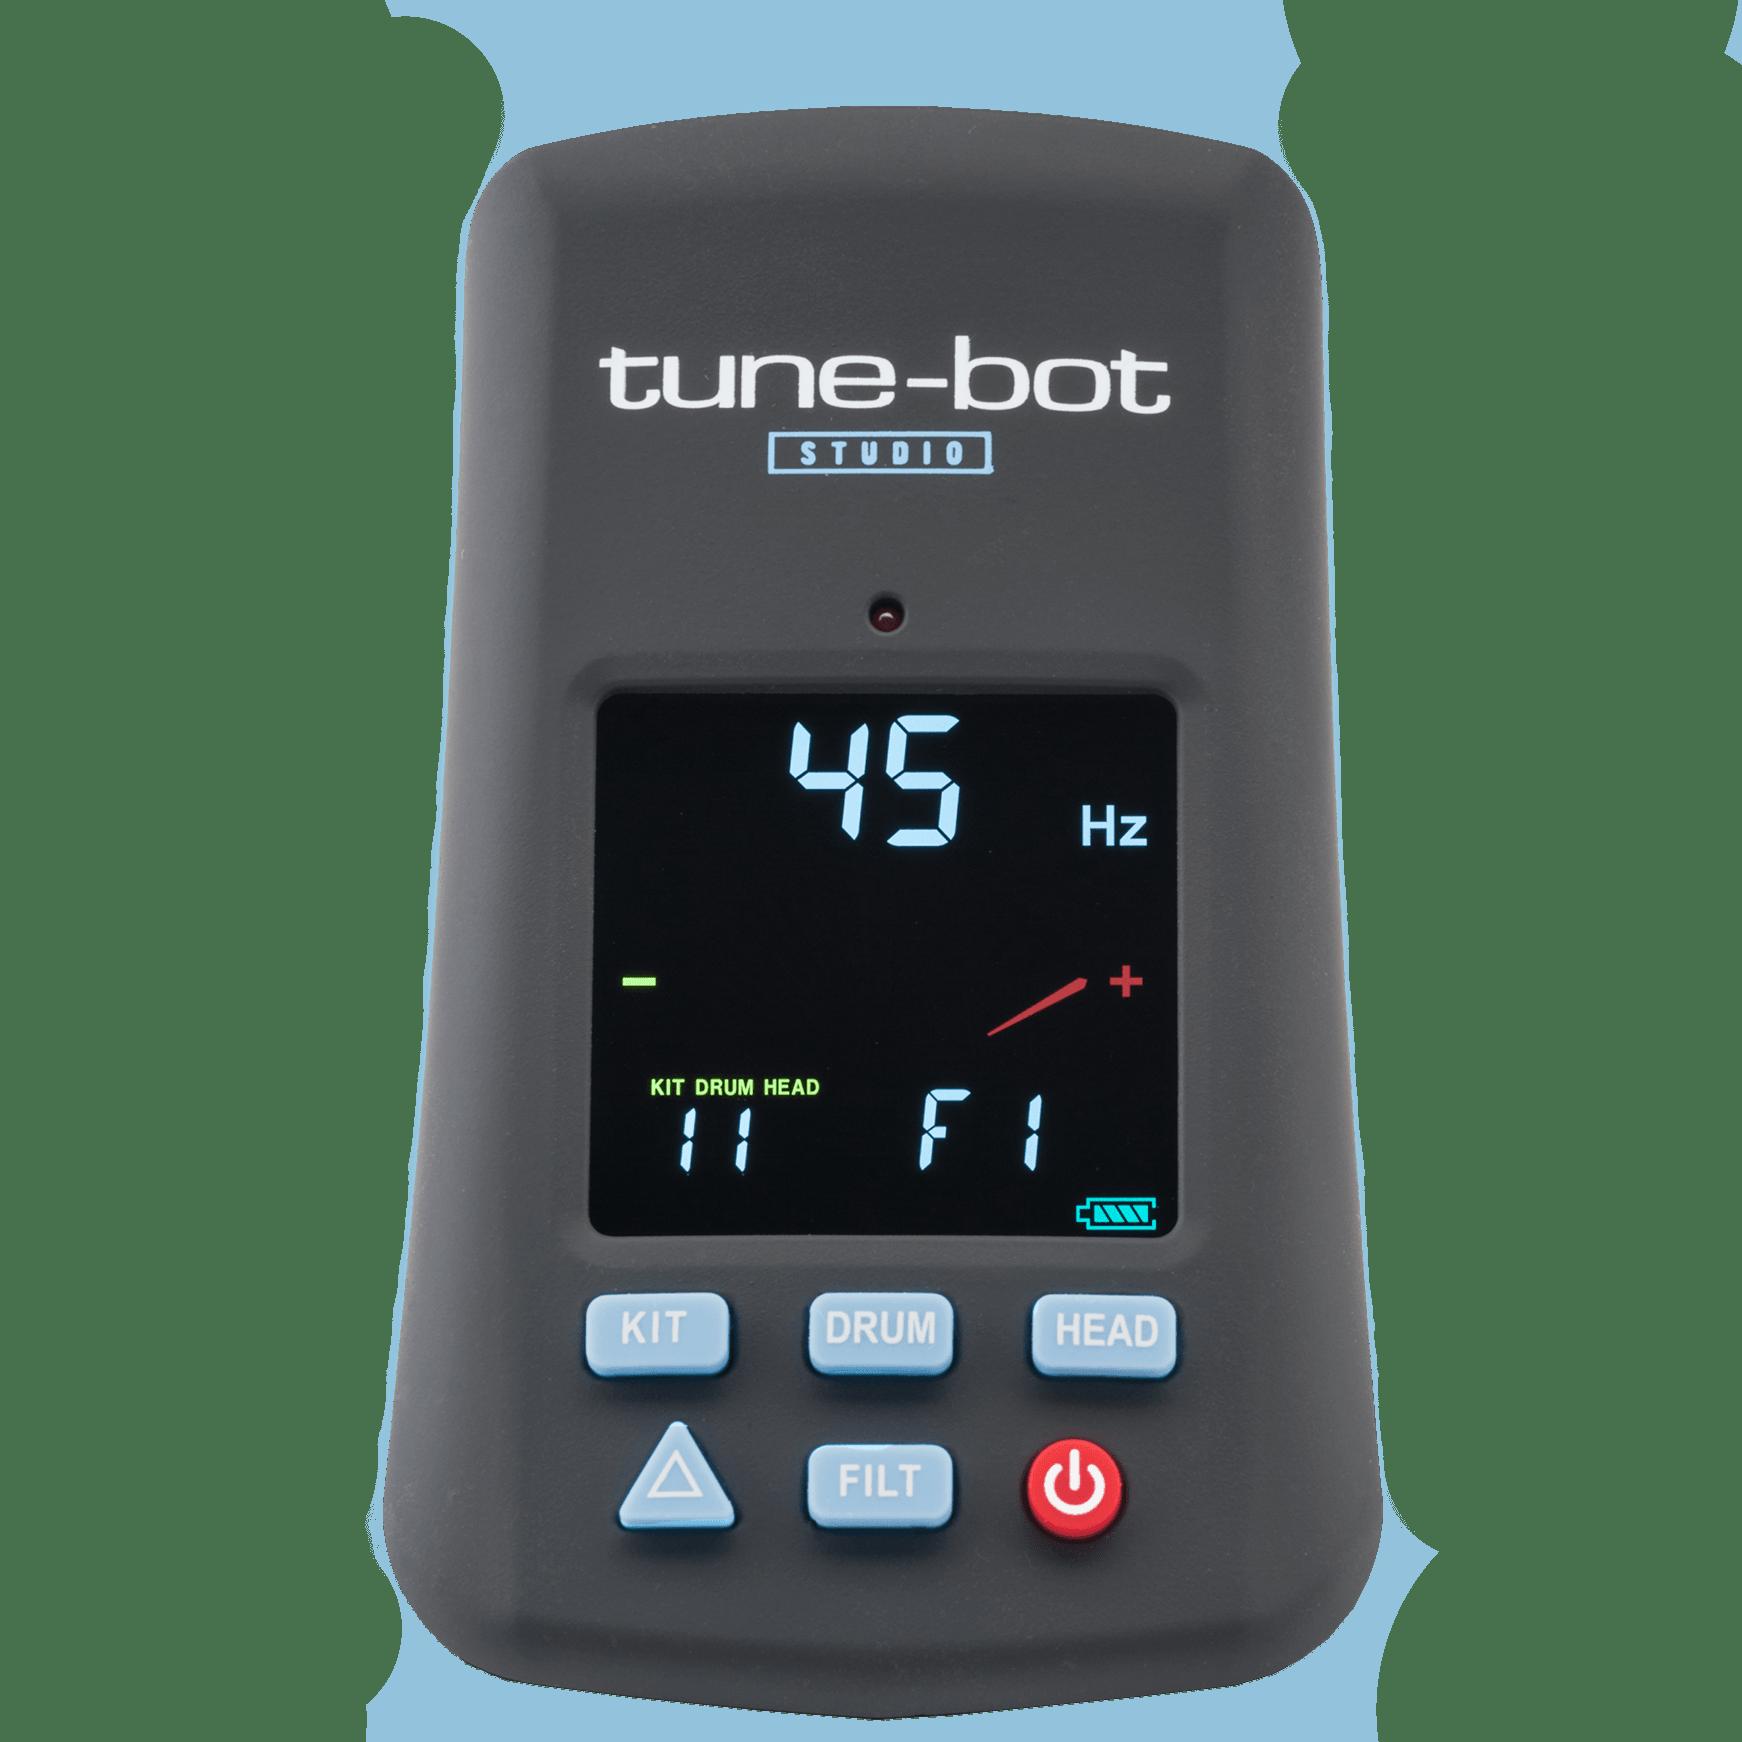 Tune Bot Studio